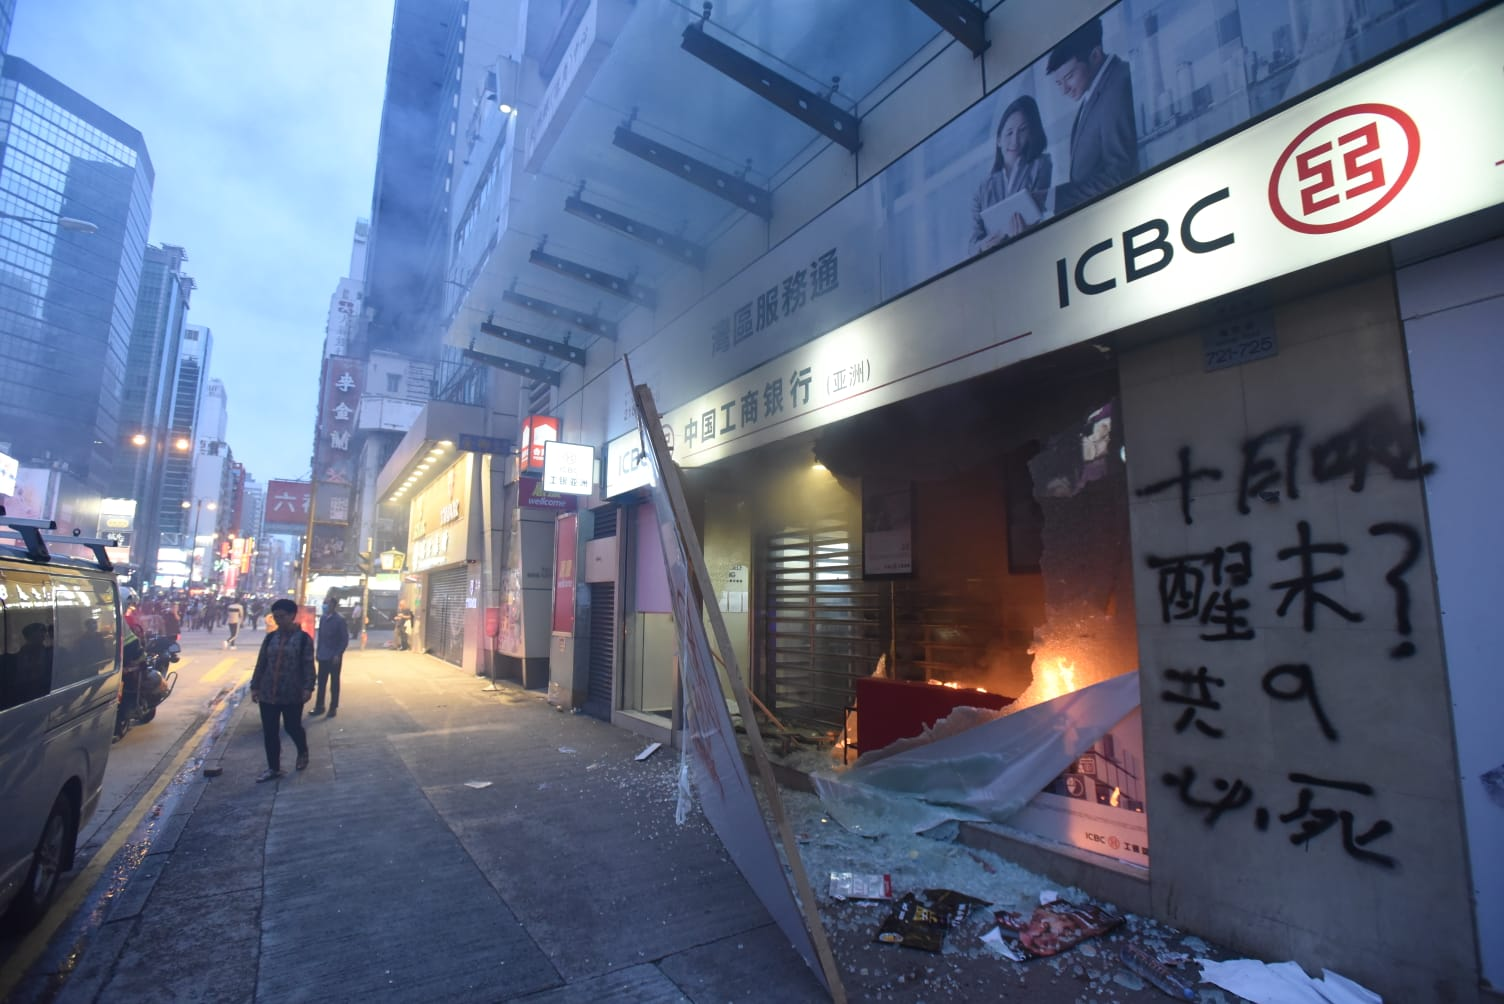 多間商戶銀行被示威者搗亂。